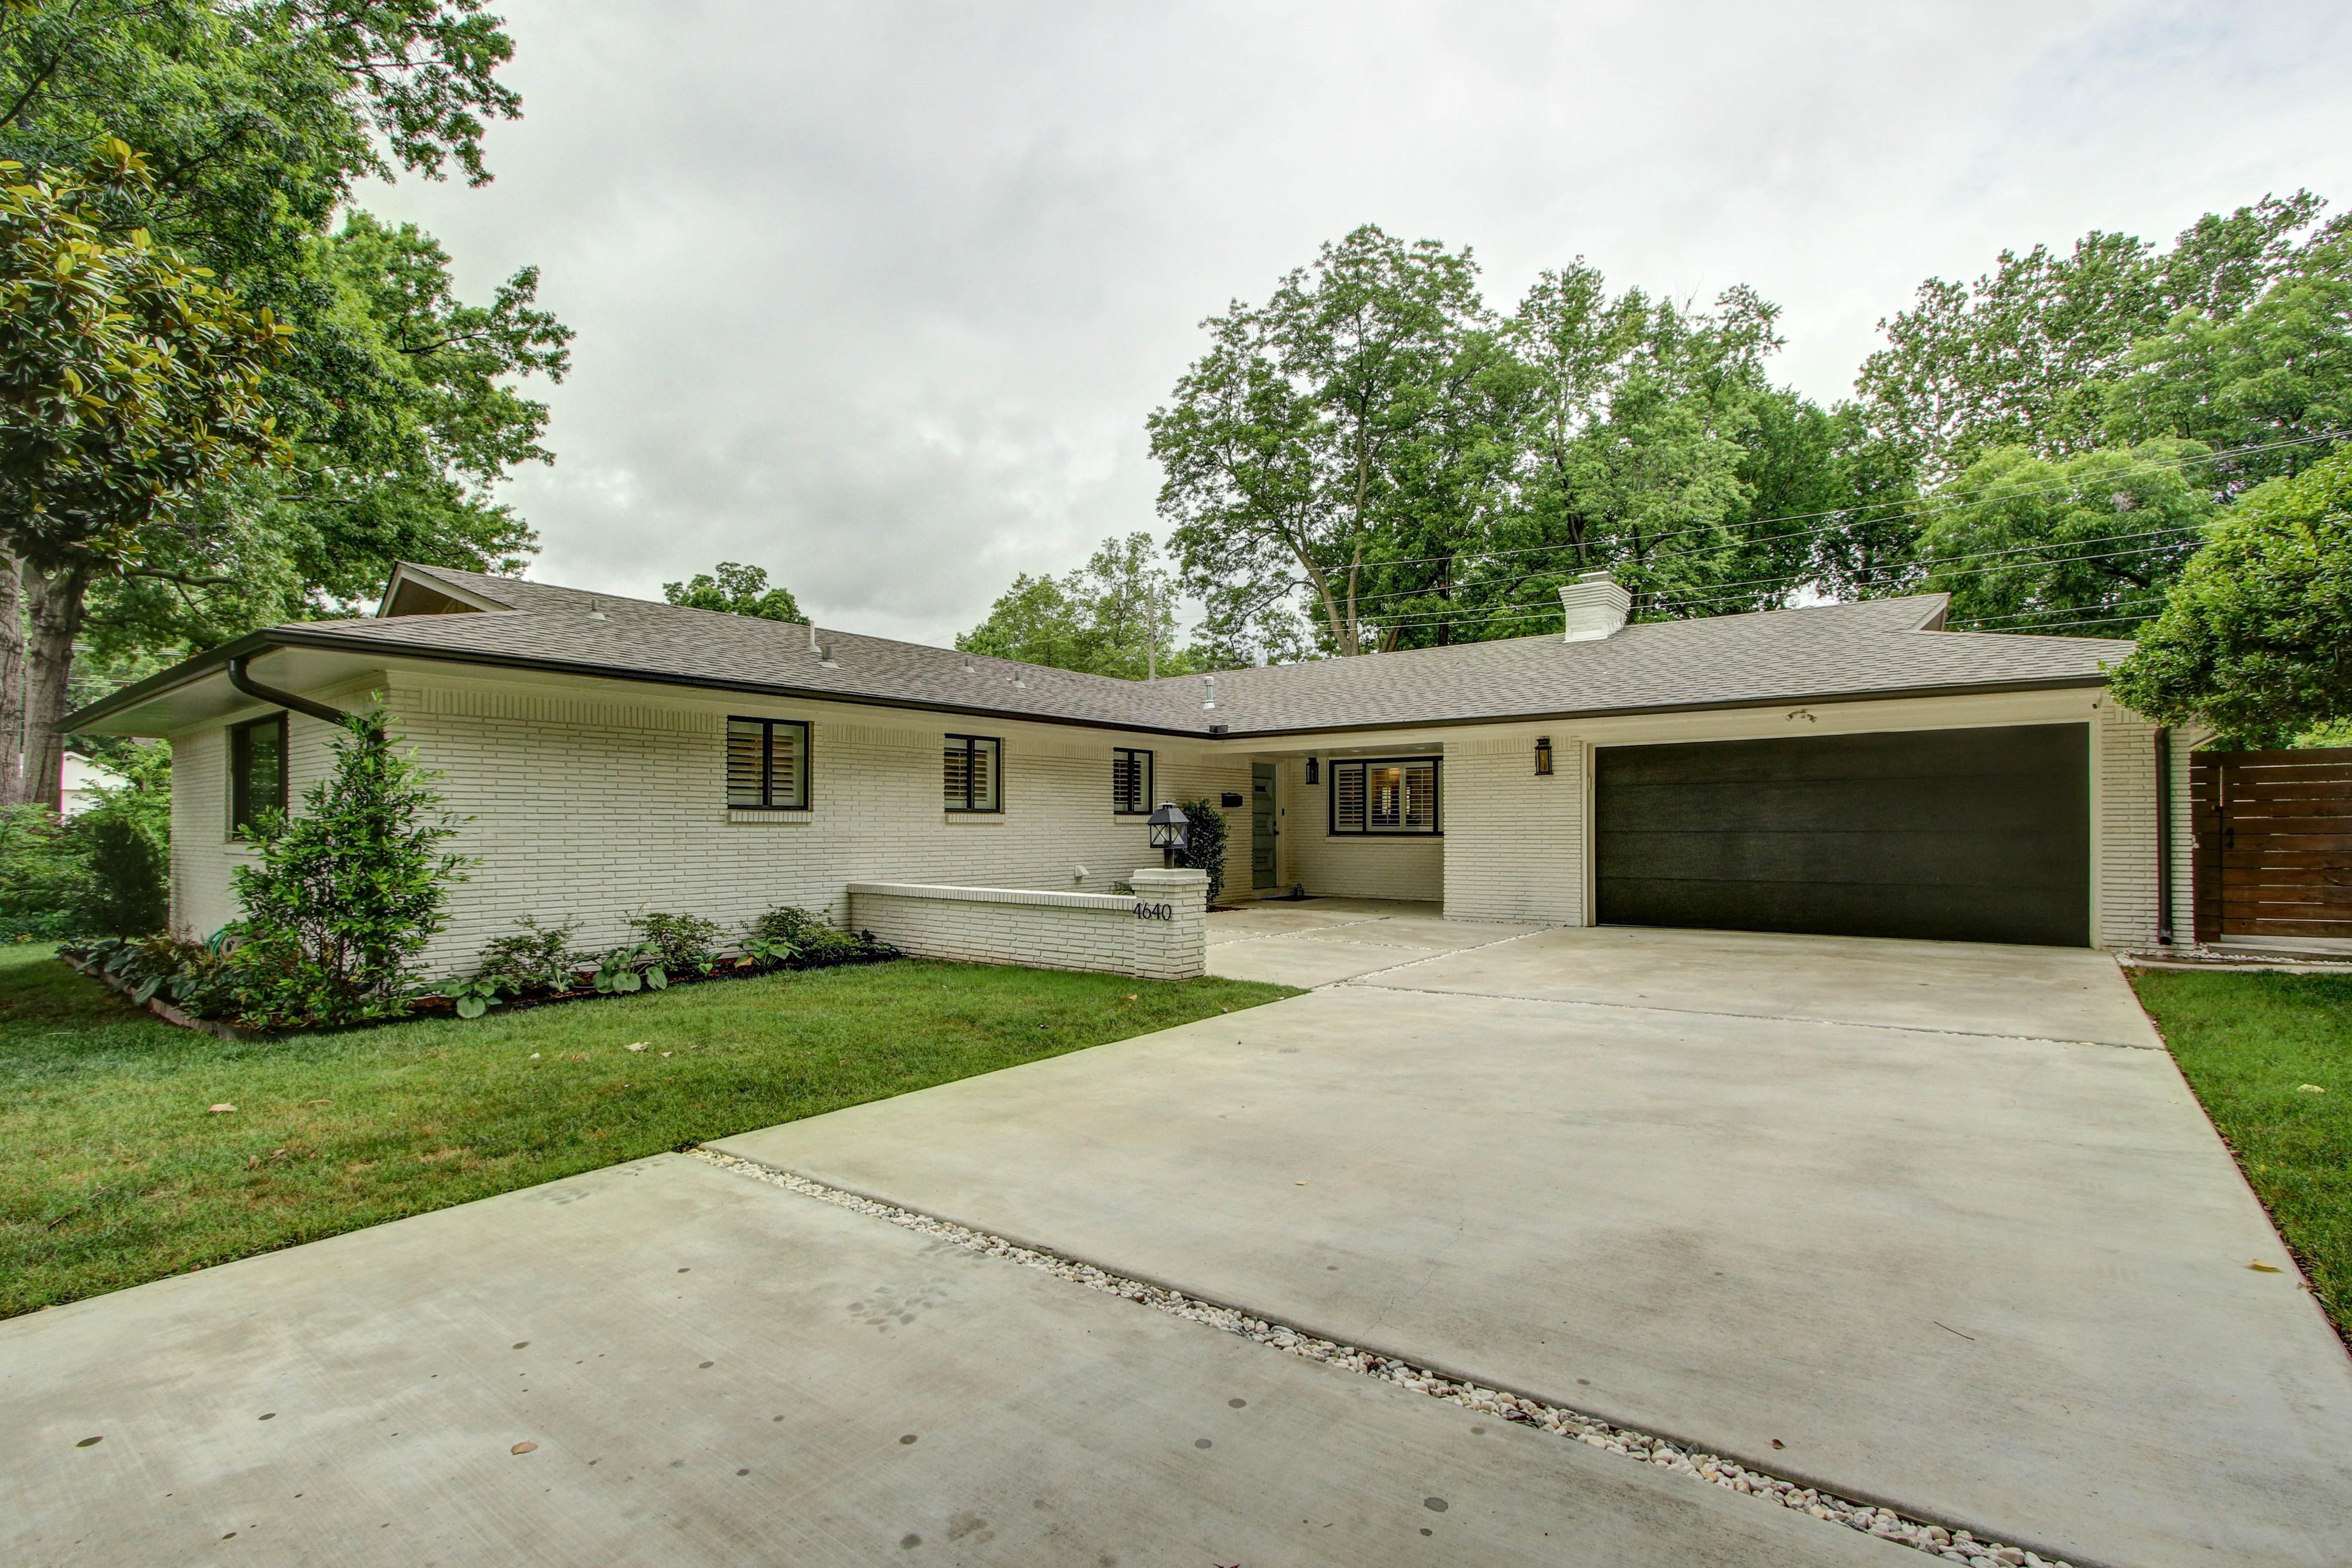 4640 S Delaware Avenue Property Photo 1